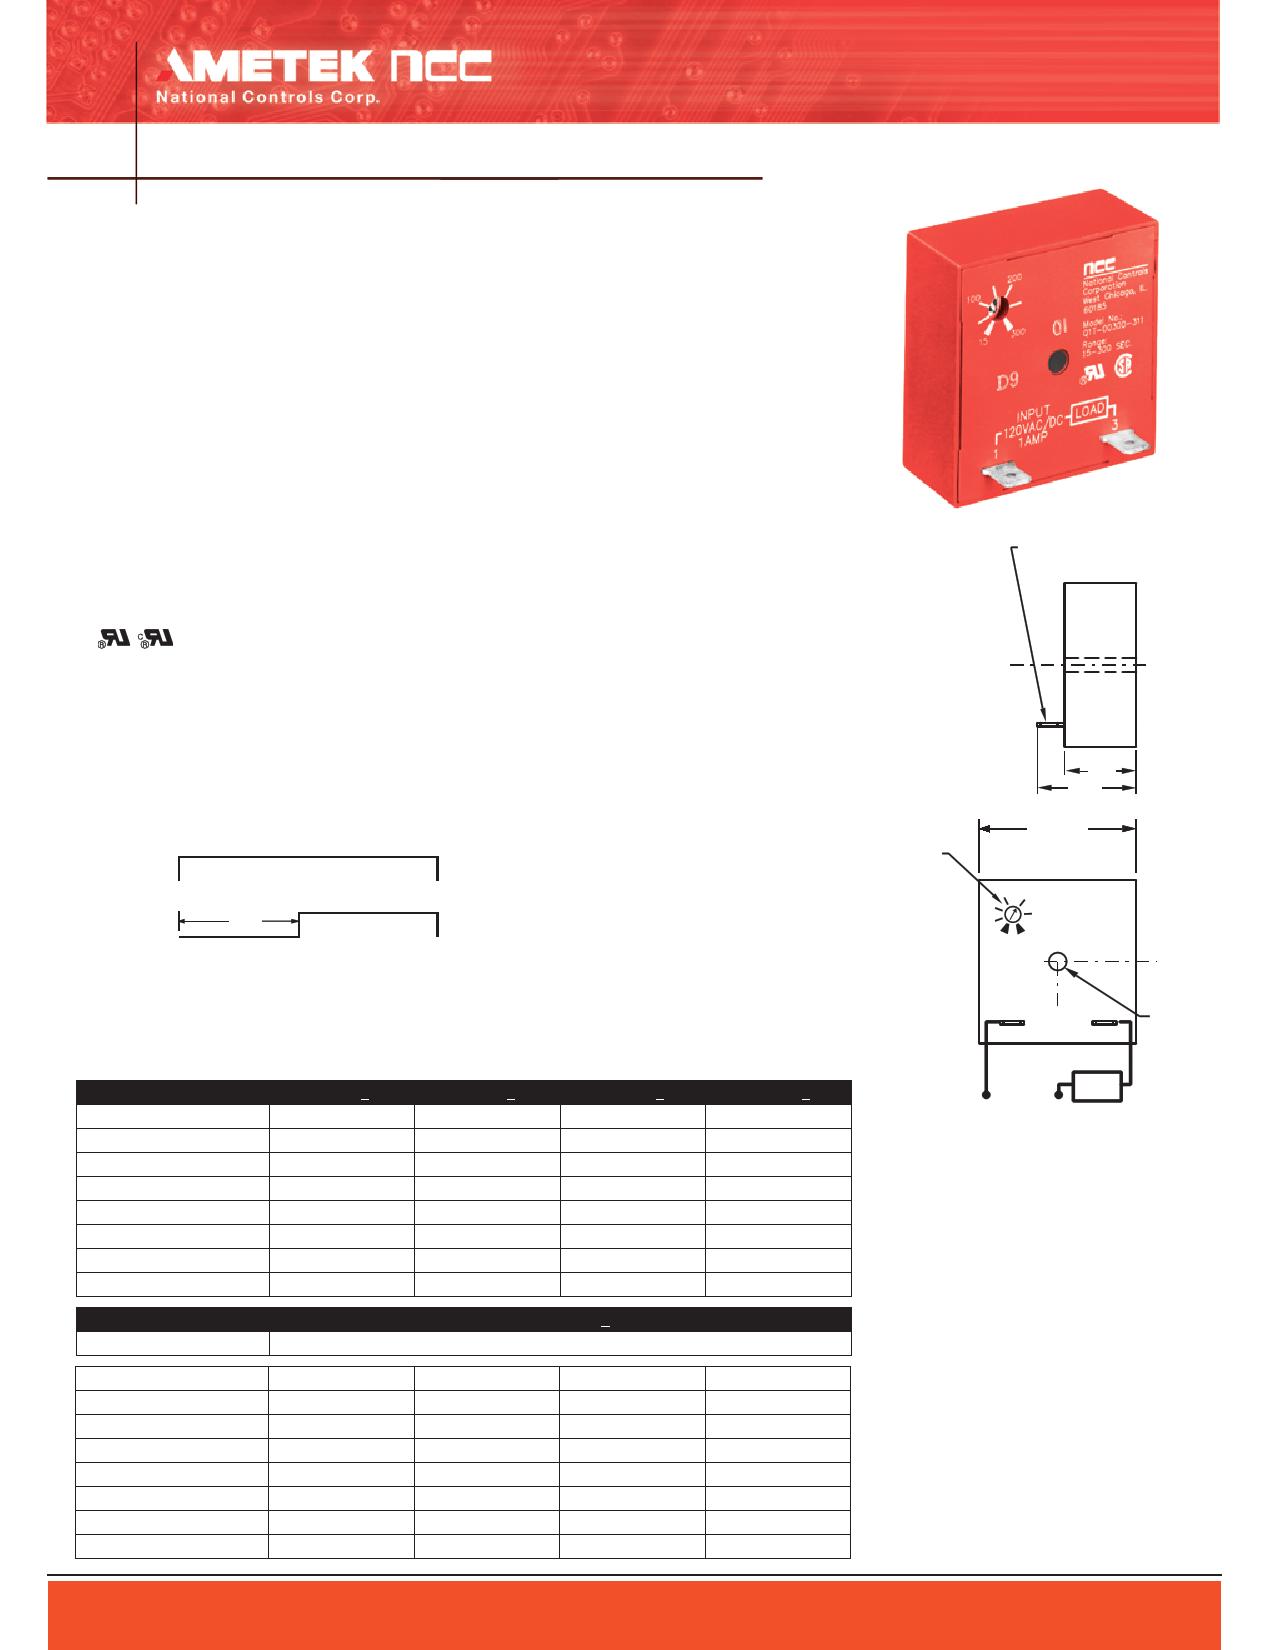 Q1T-00005-317 datasheet